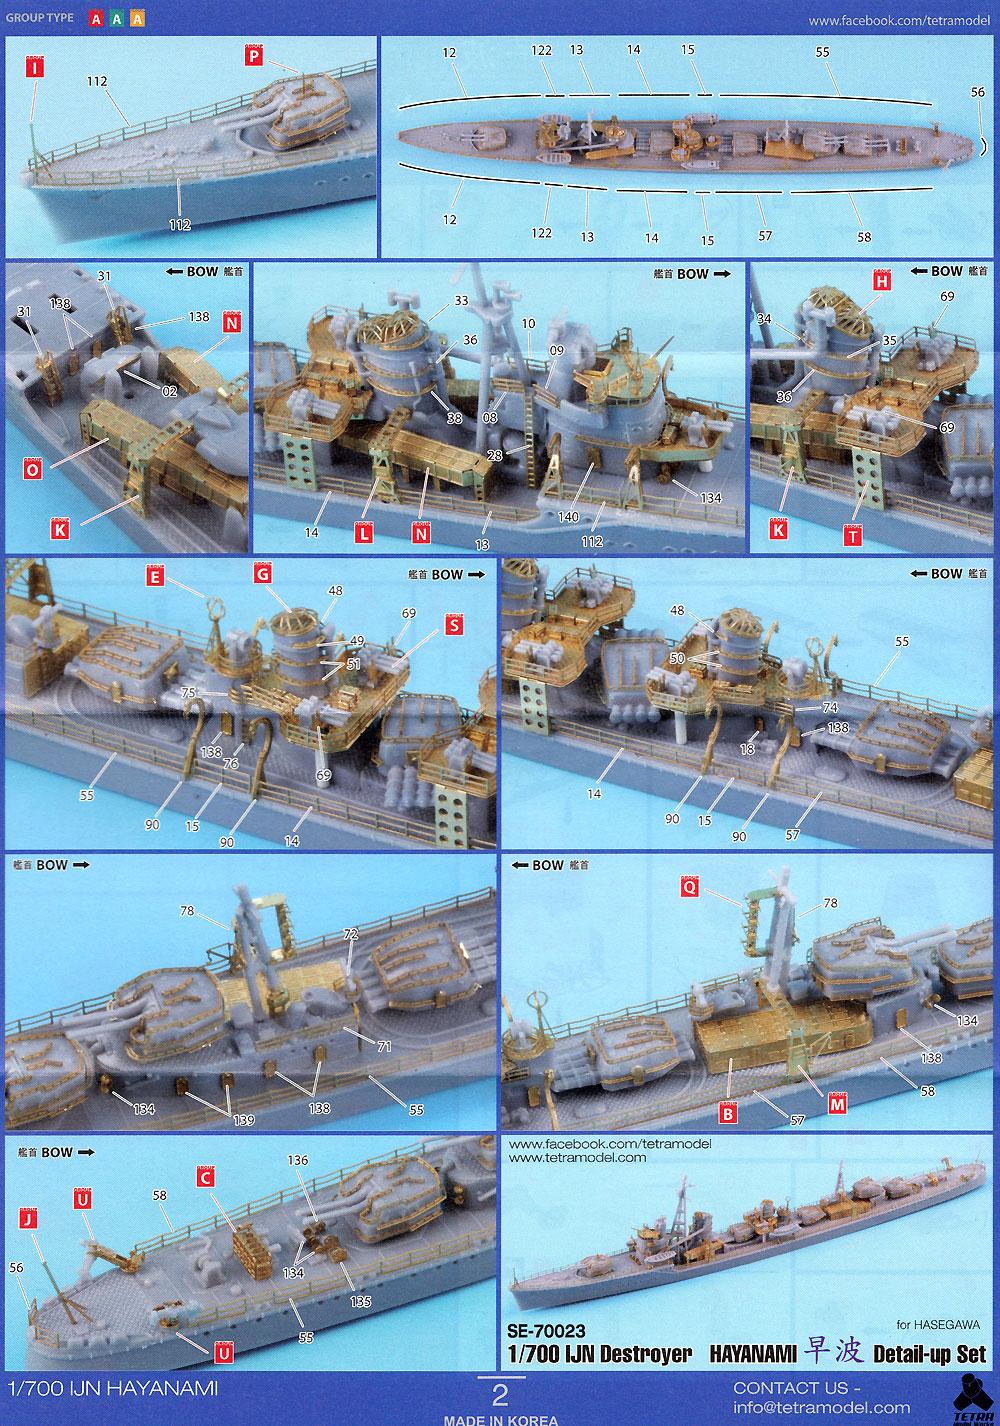 日本海軍 駆逐艦 早波 ディテールアップ (ハセガワ用)エッチング(テトラモデルワークス艦船 アクセサリーパーツNo.SE-70023)商品画像_3